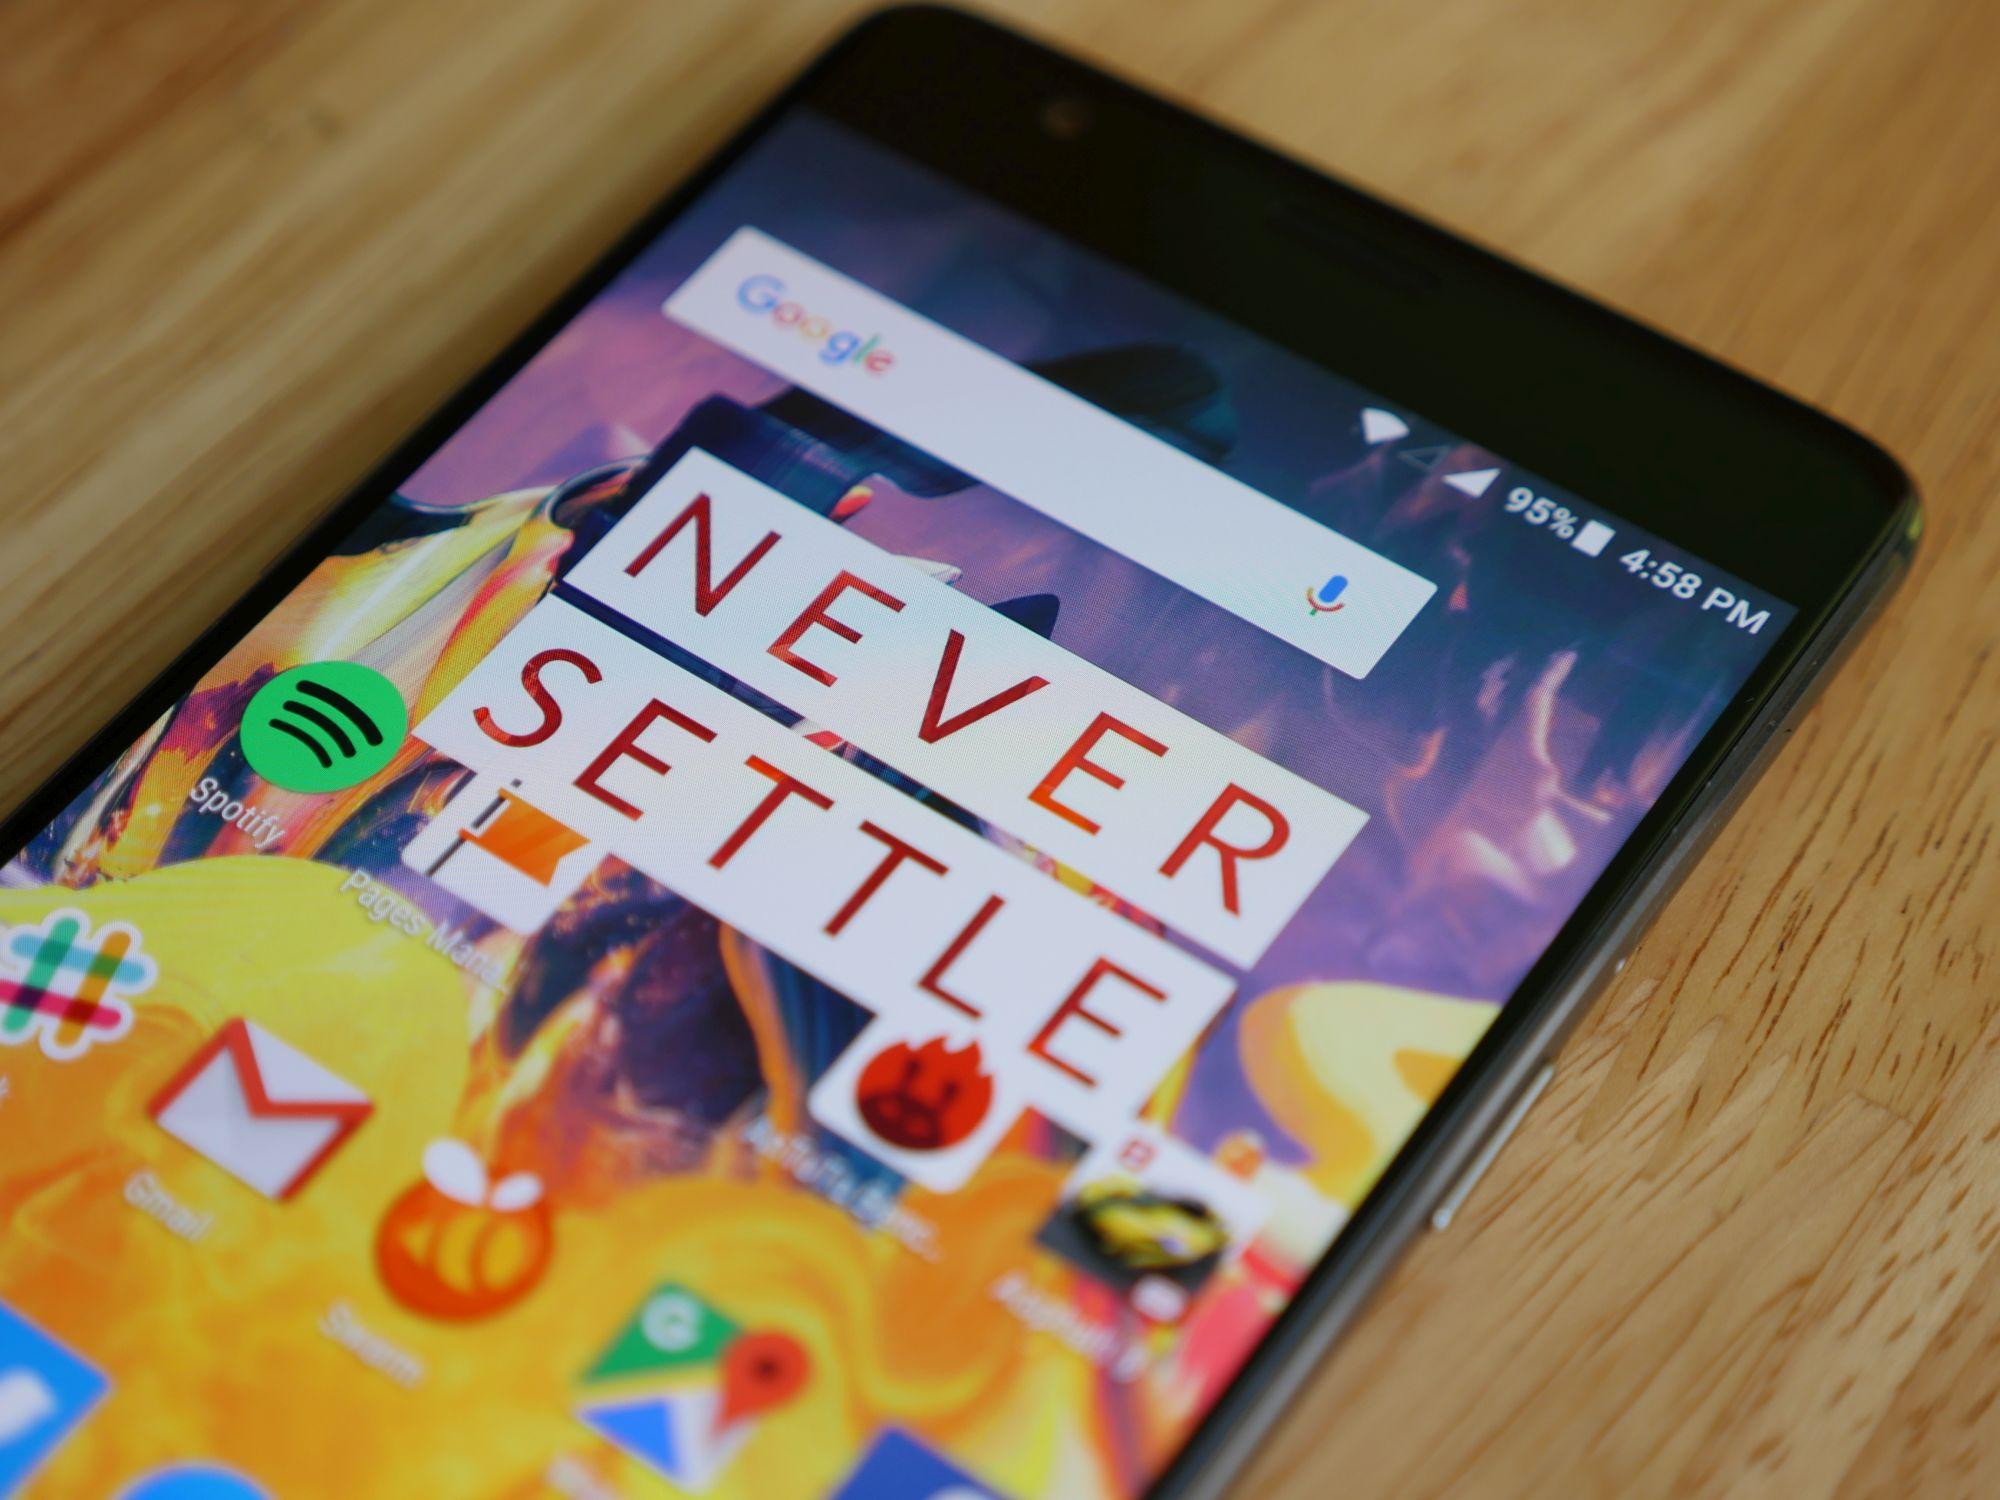 OnePlus 3 otrzymał już Androida 8.0 Oreo. Póki co tylko u beta testerów, ale otrzymał 25